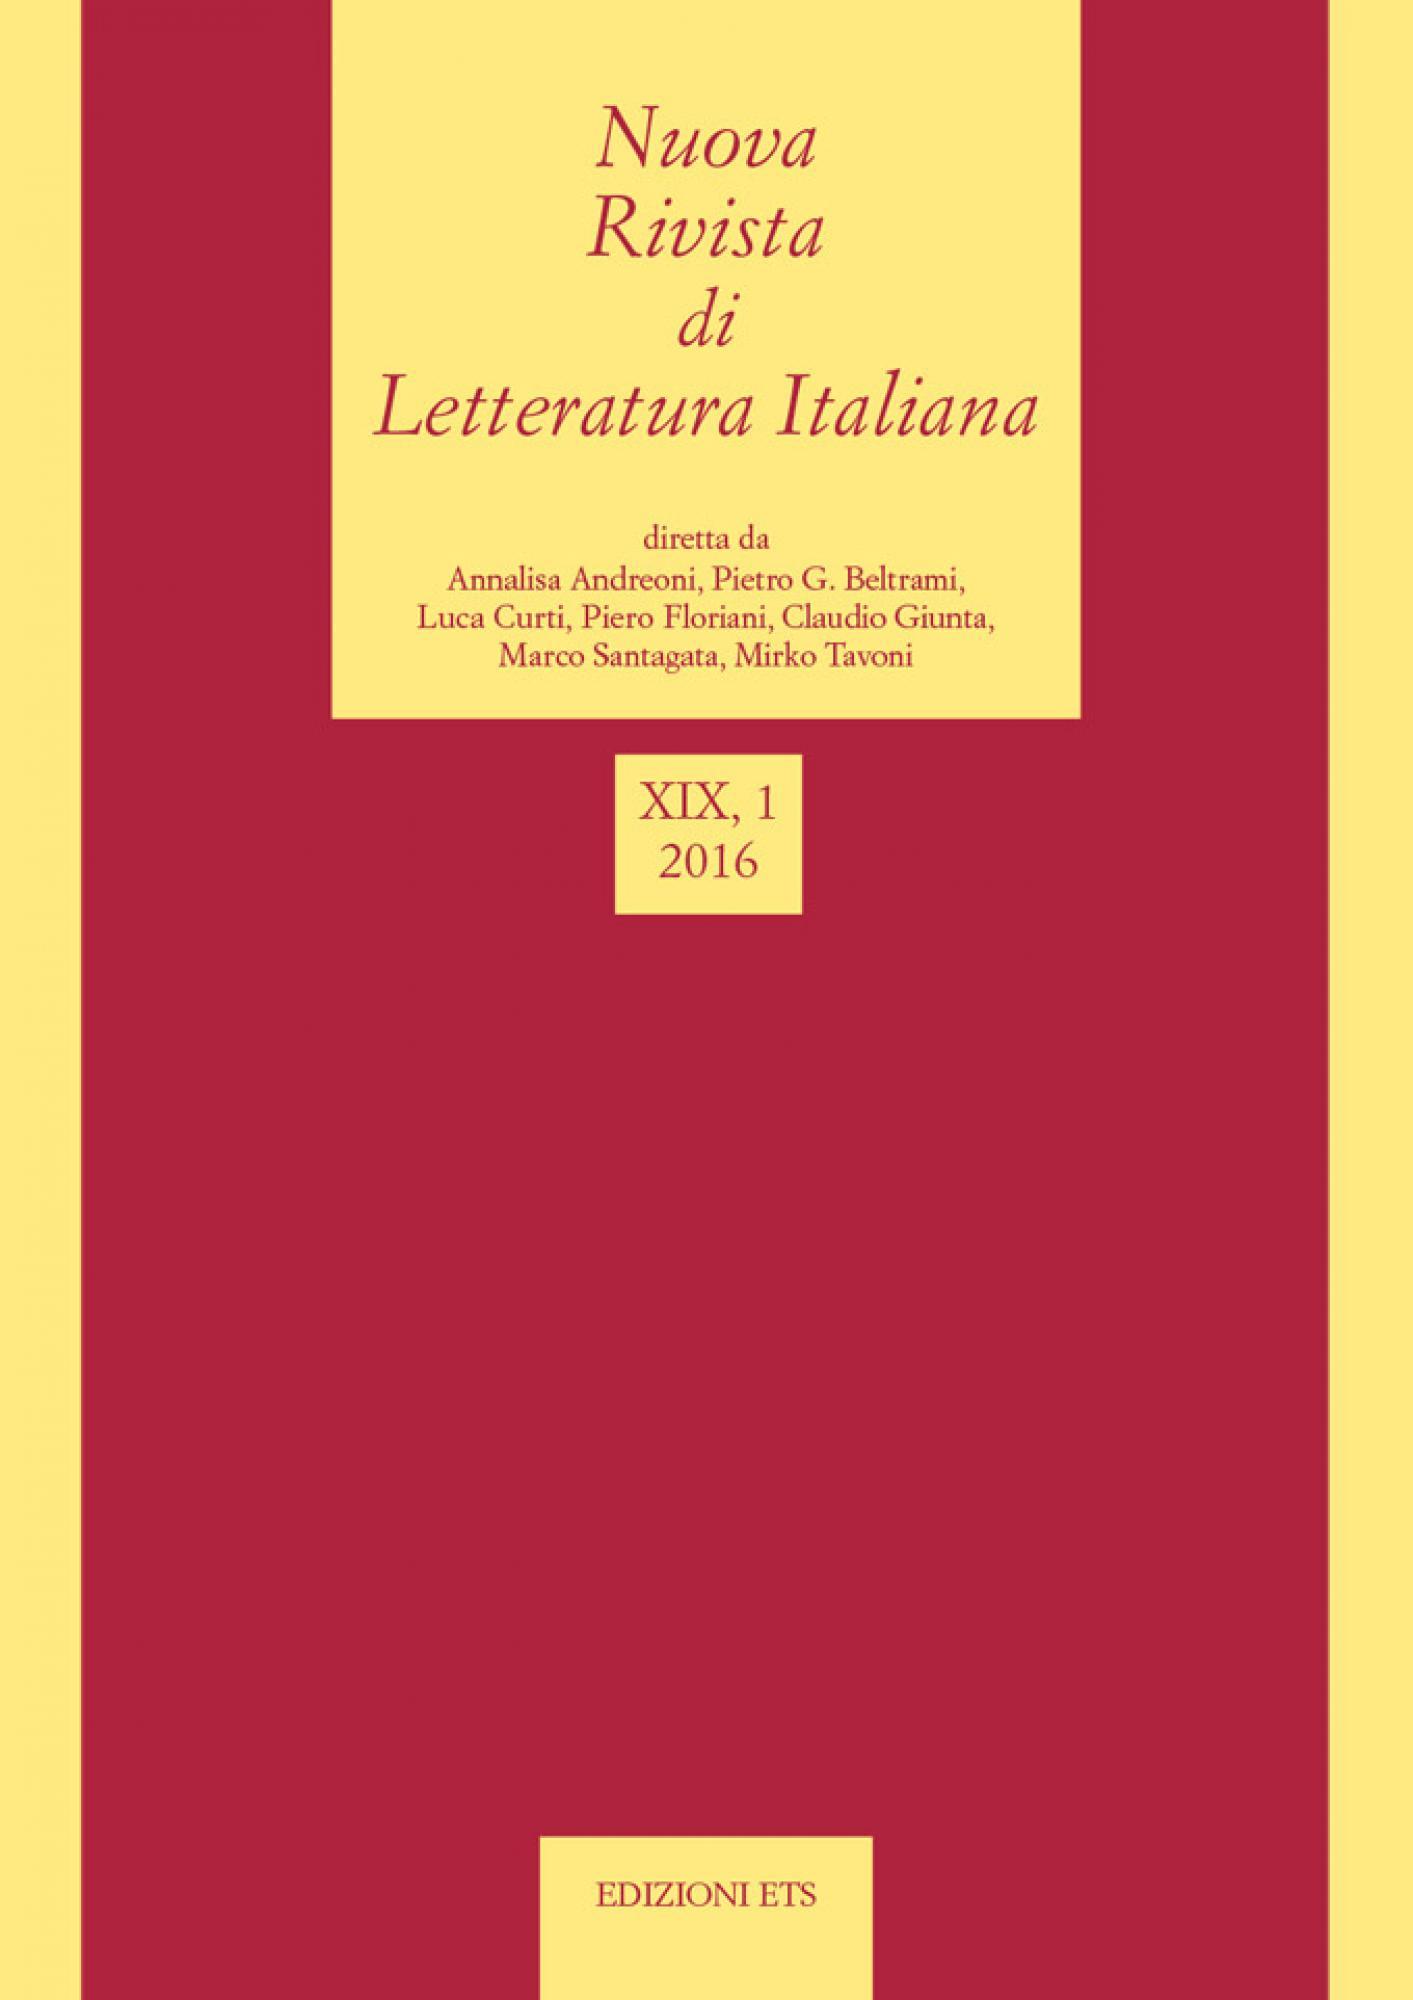 Nuova Rivista di Letteratura Italiana.2016, 1